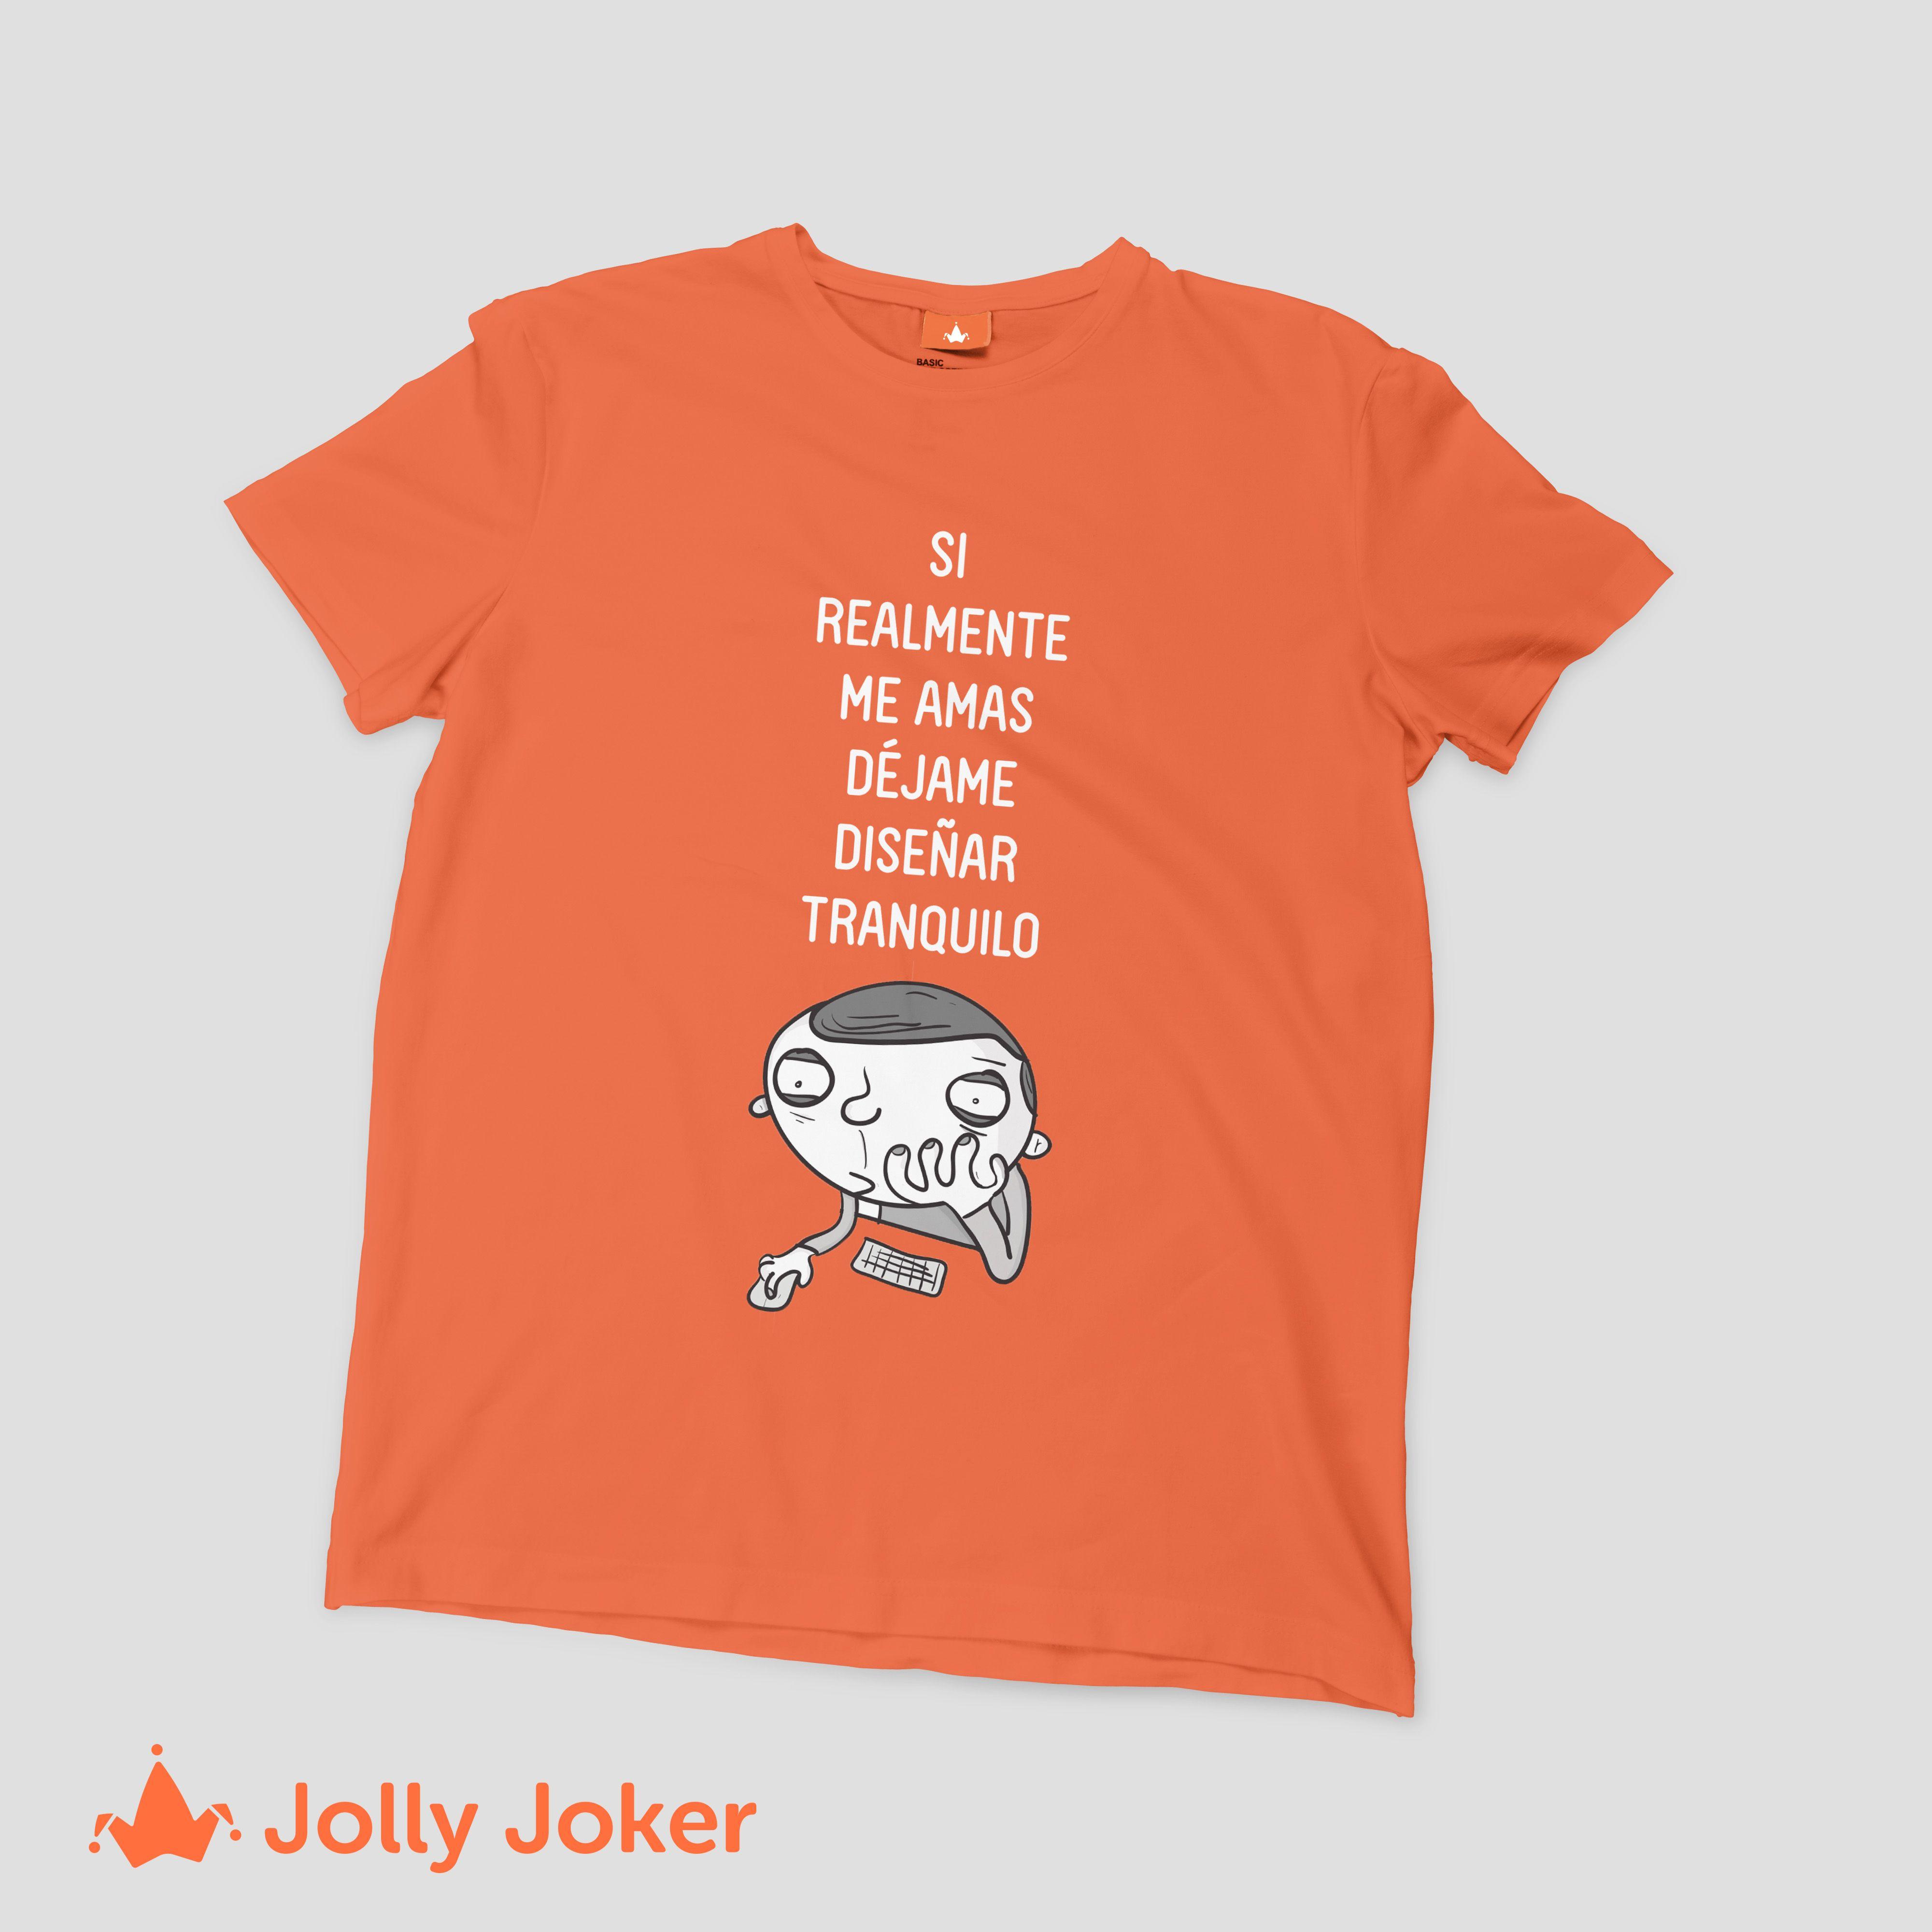 En Jolly Joker crea tus camisetas de diseñador gráfico como tu quieras 06f476b47d2